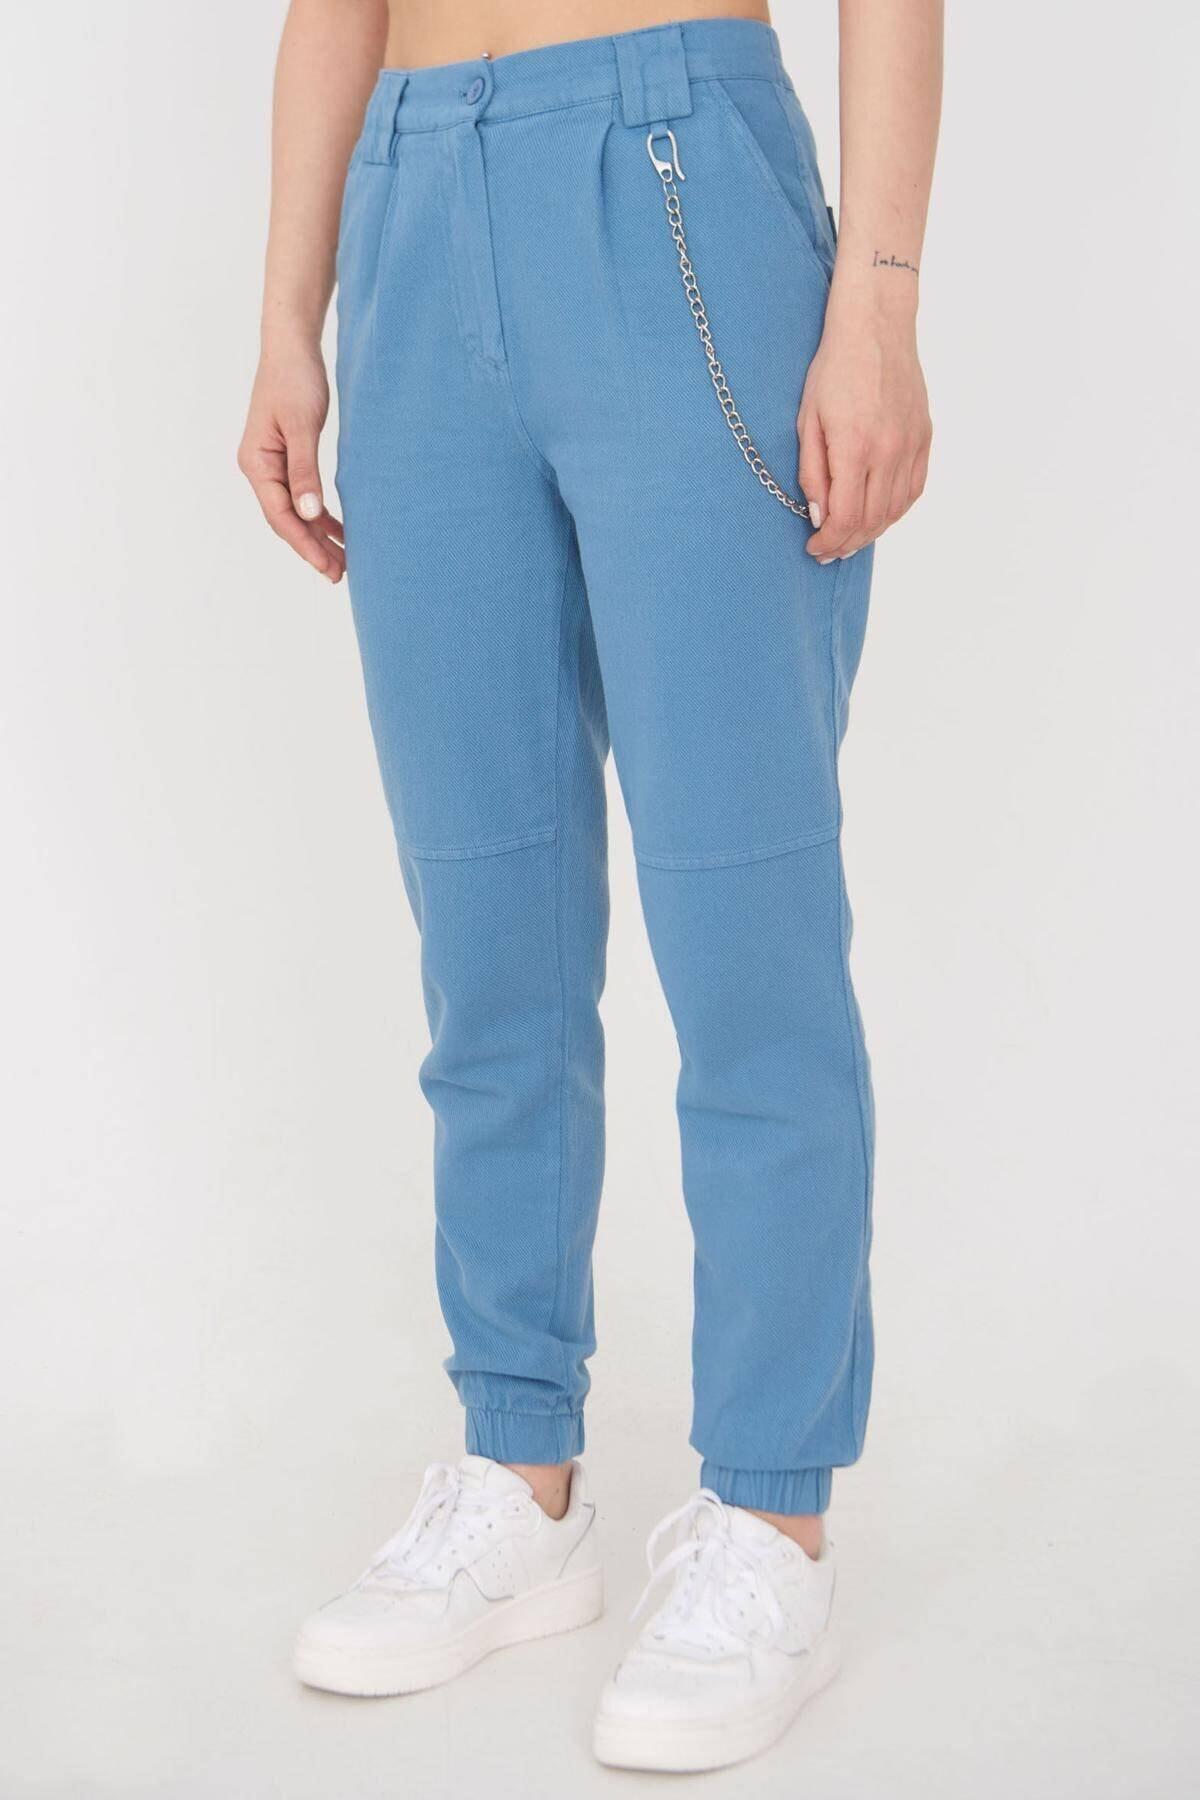 Addax Kadın Mavi Zincir Detaylı Pantolon Pn01-0073 - S11 Adx-0000024102 0